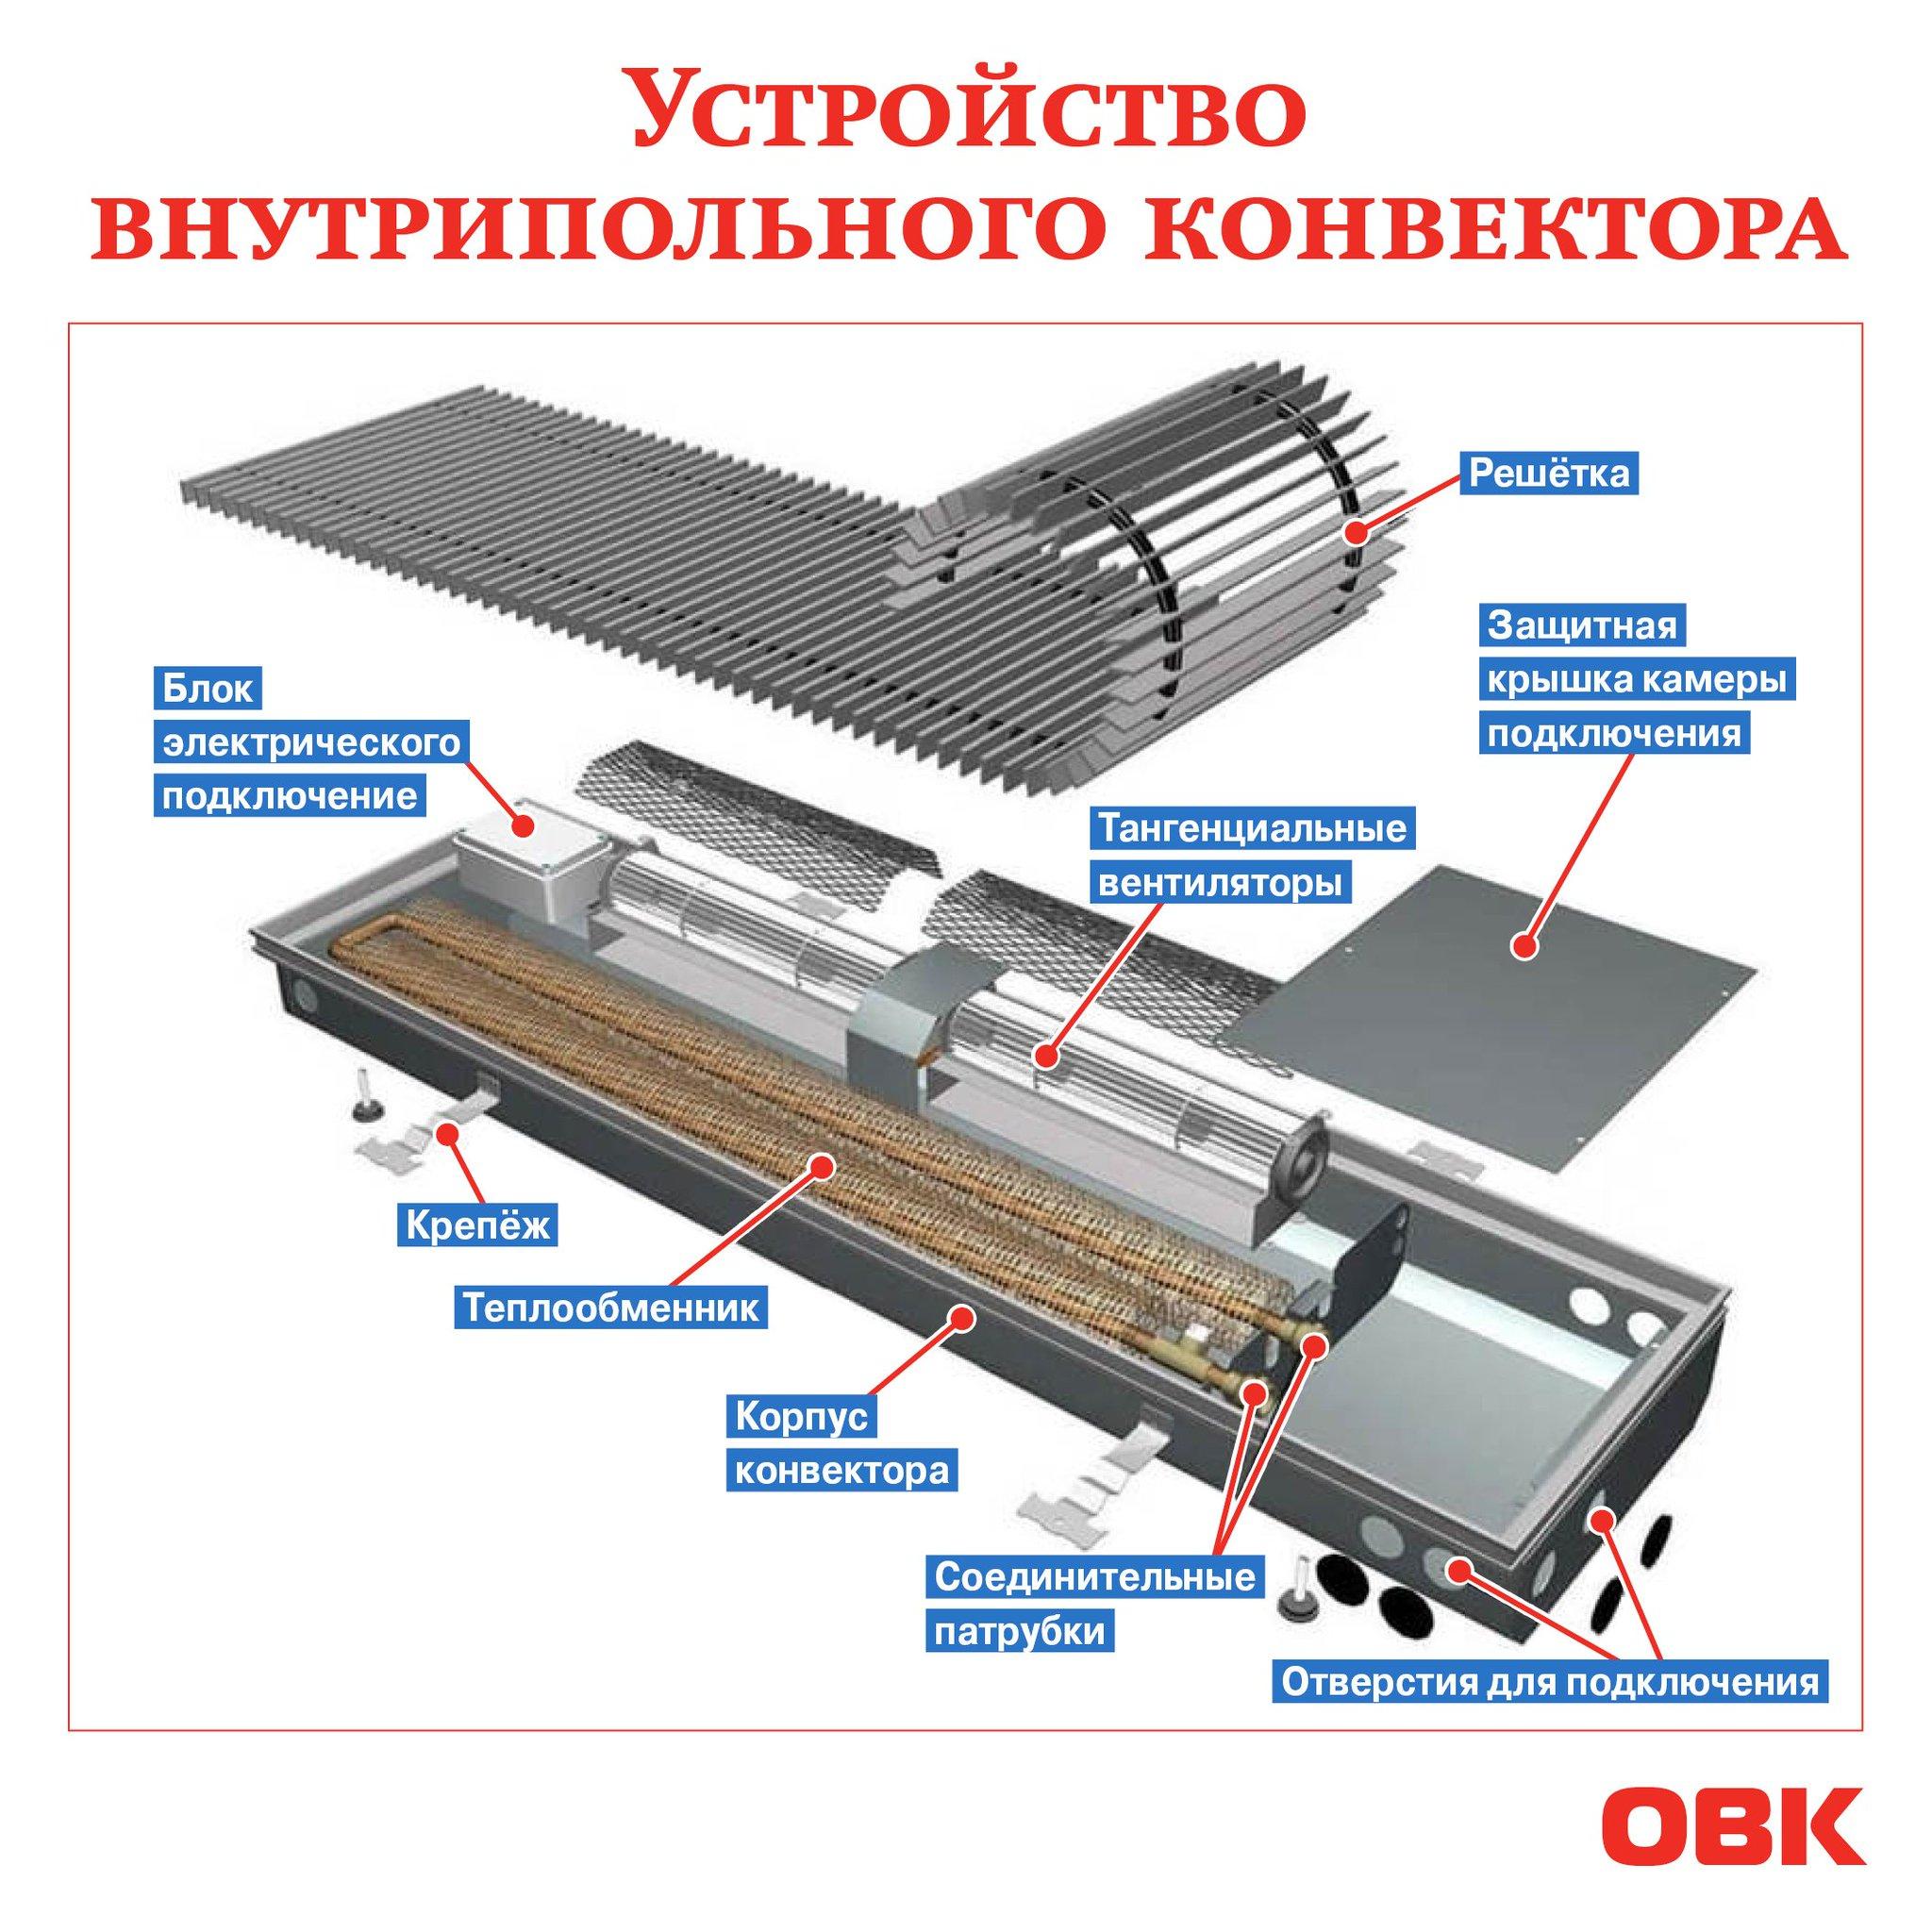 Принцип работы конвектора электрического, правила выбора и эксплуатации